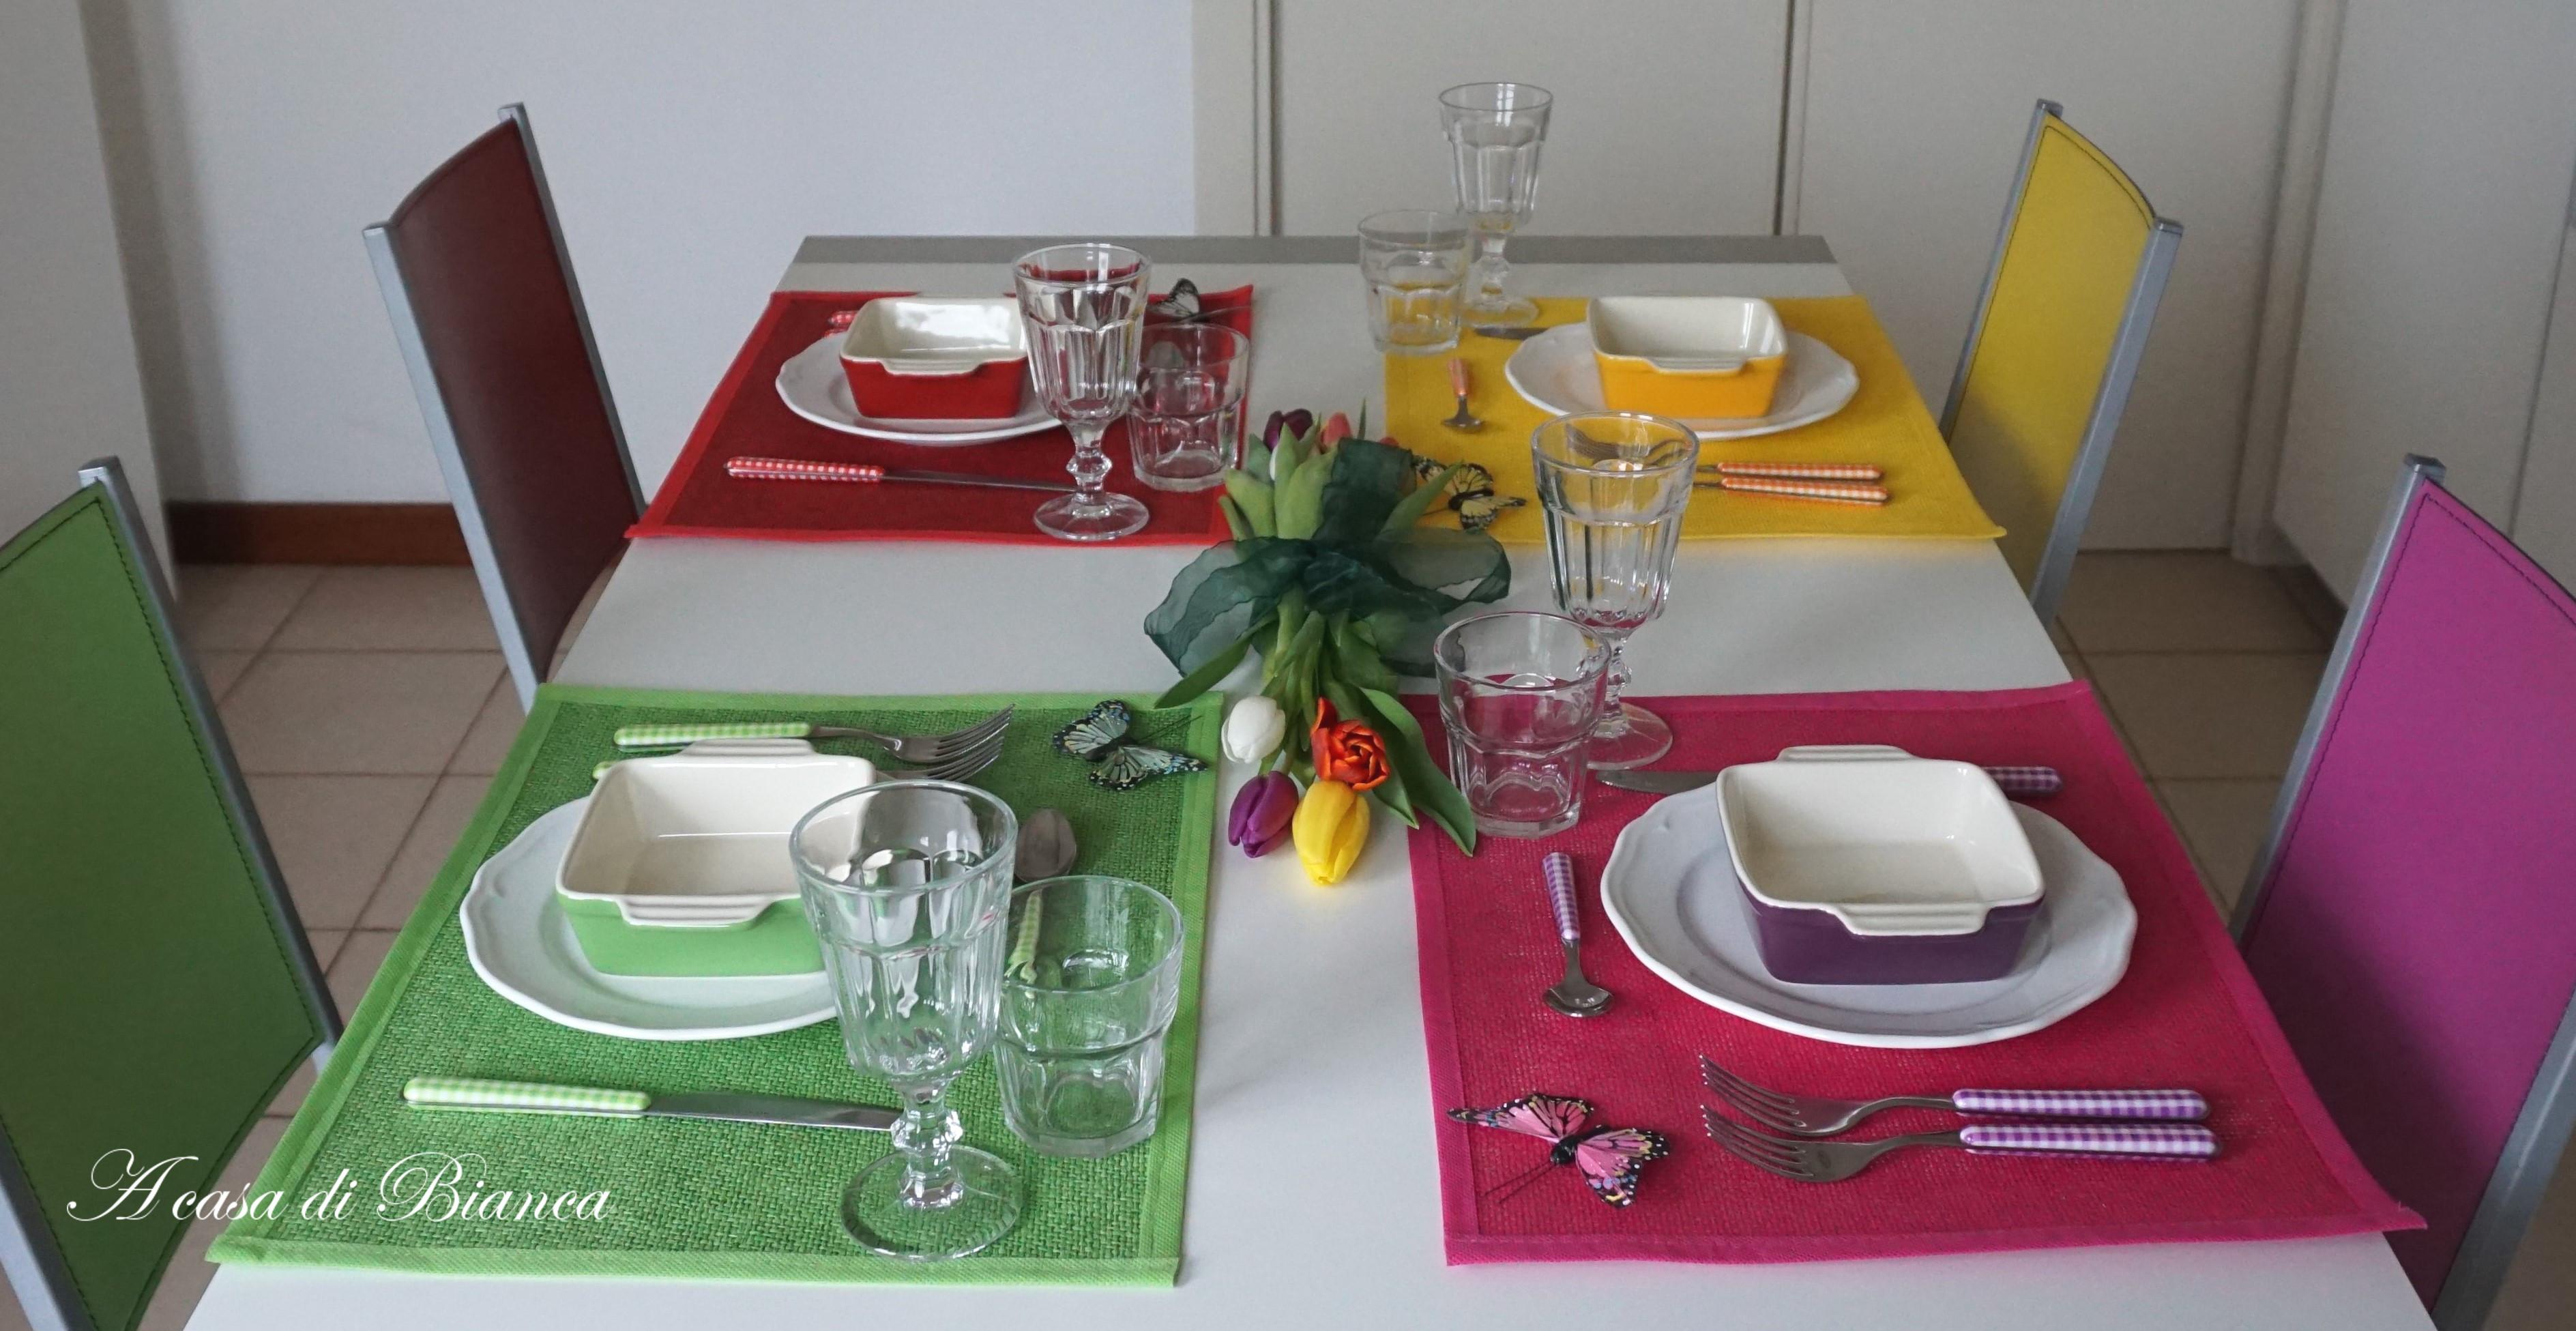 Decorare una tavola a colori a casa di bianca - Tavola per cucina ...